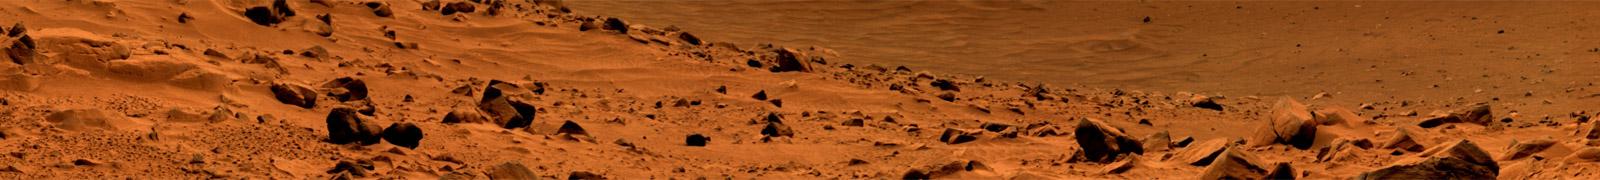 Mars Bonneville Crater